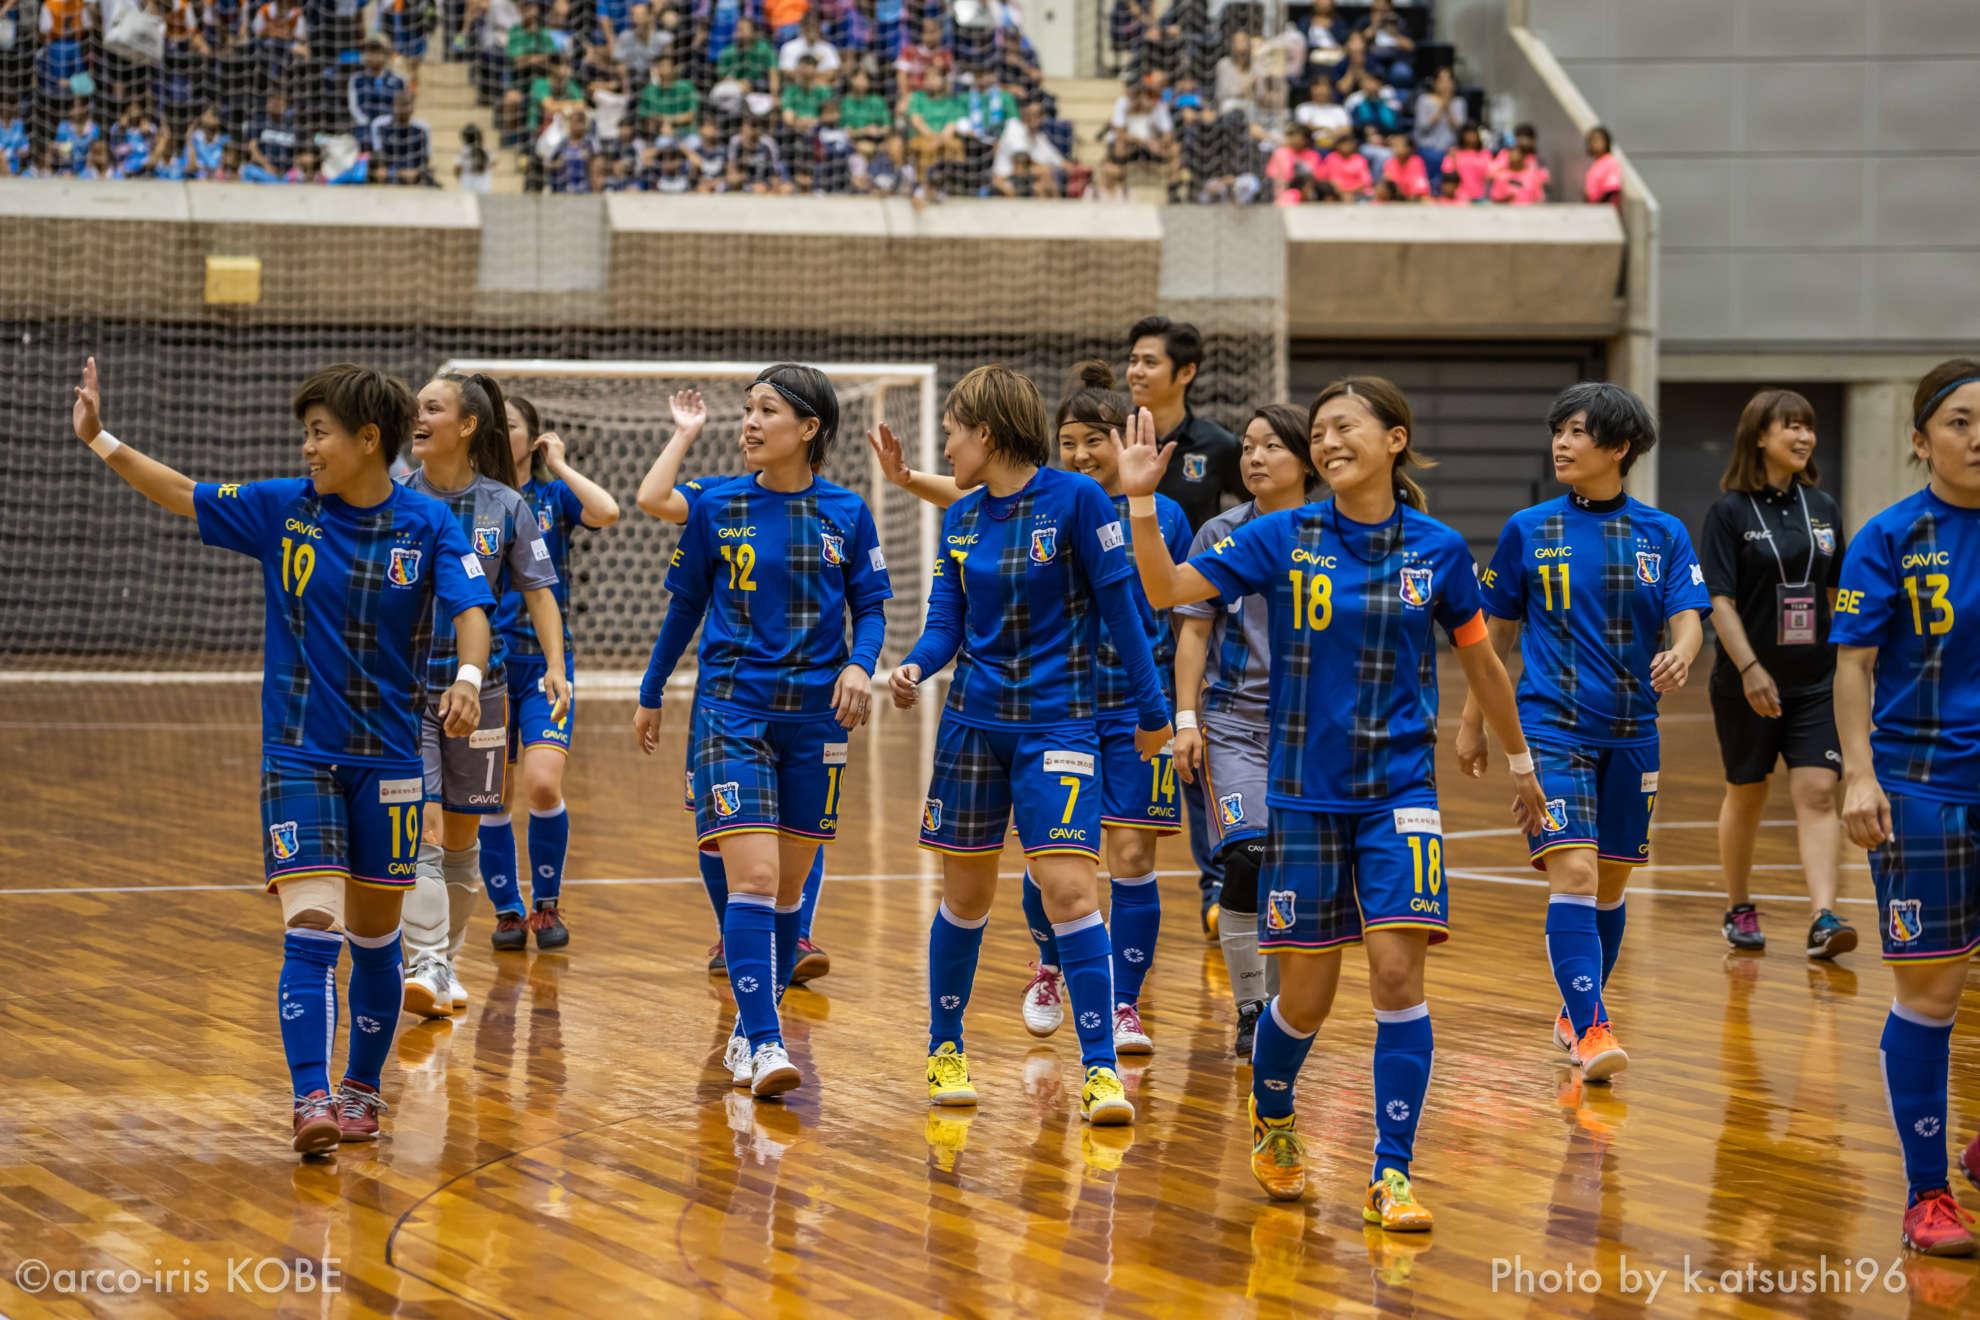 全日本女子フットサル選手権大会の対戦相手が決定!